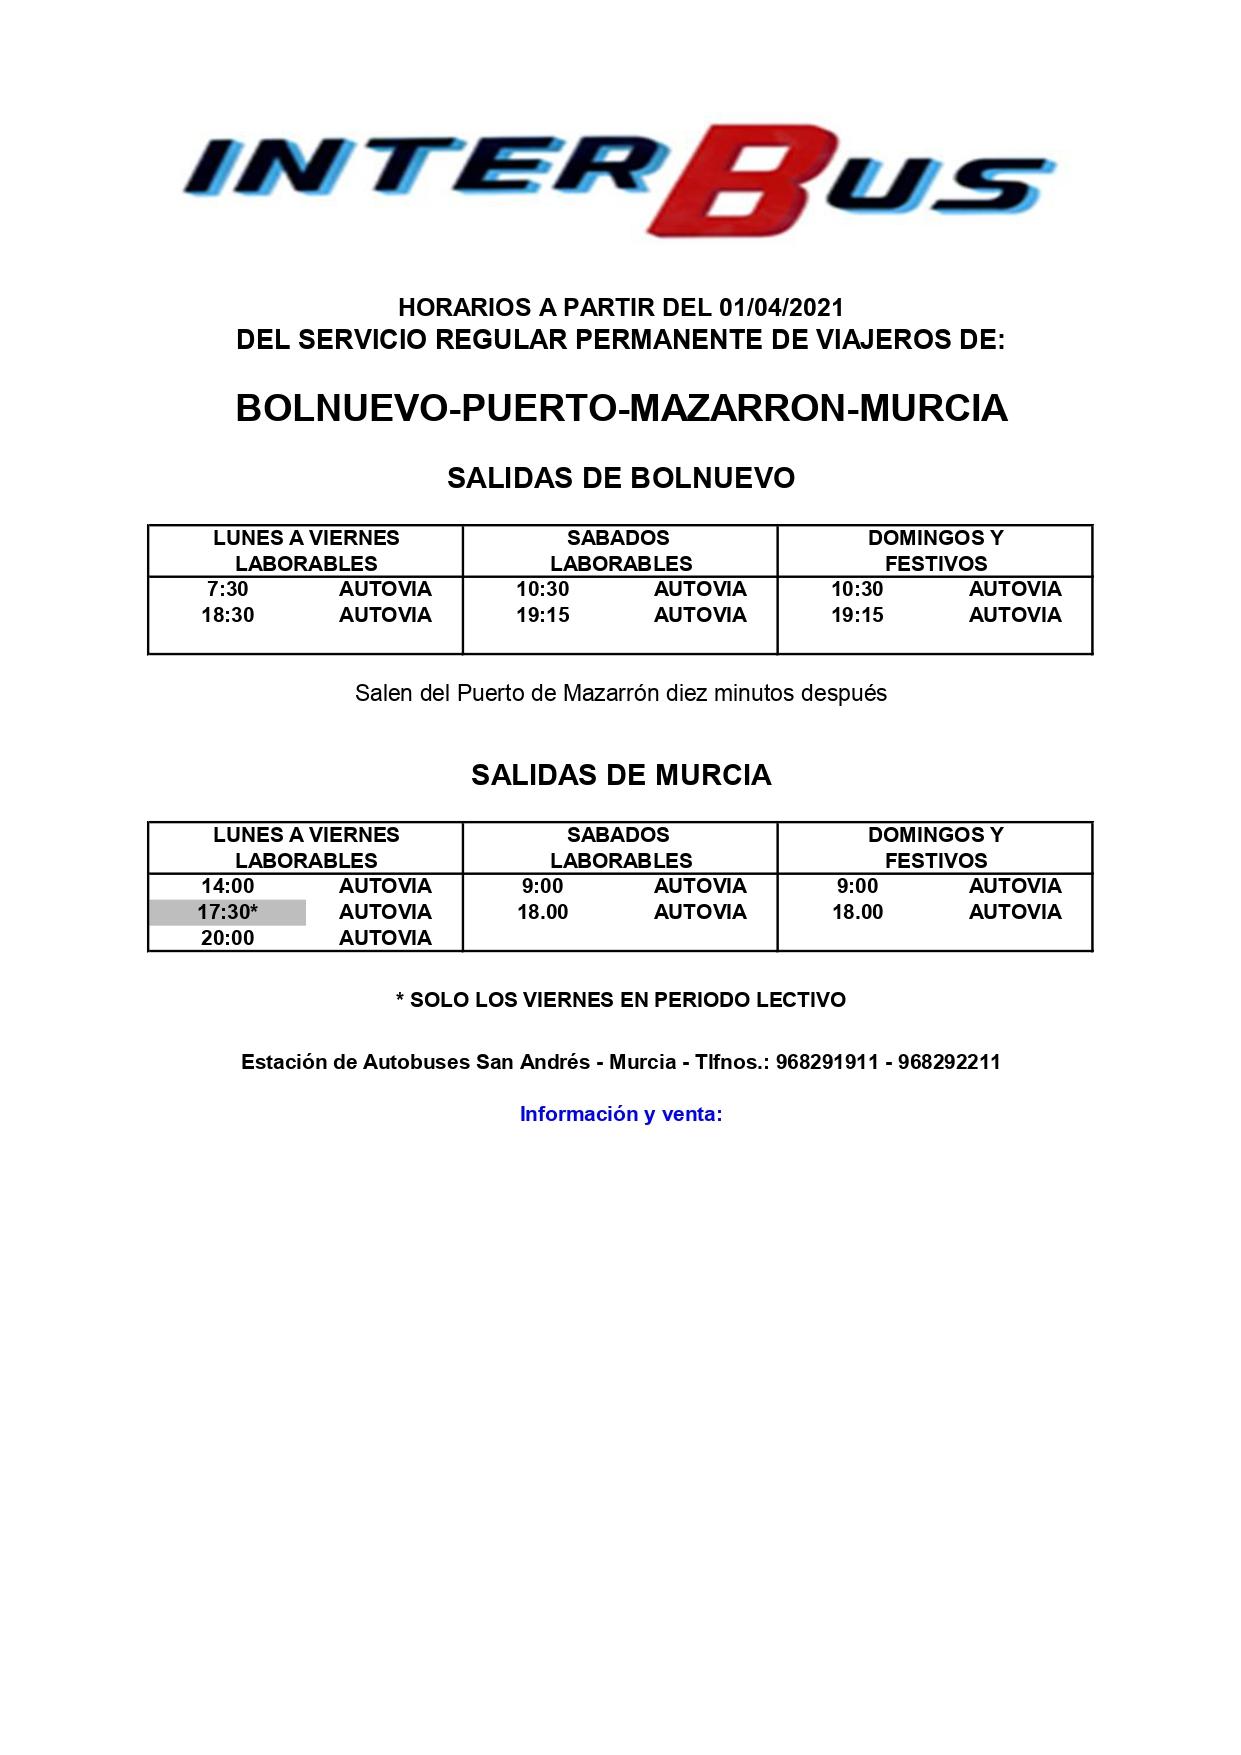 New bus schedules